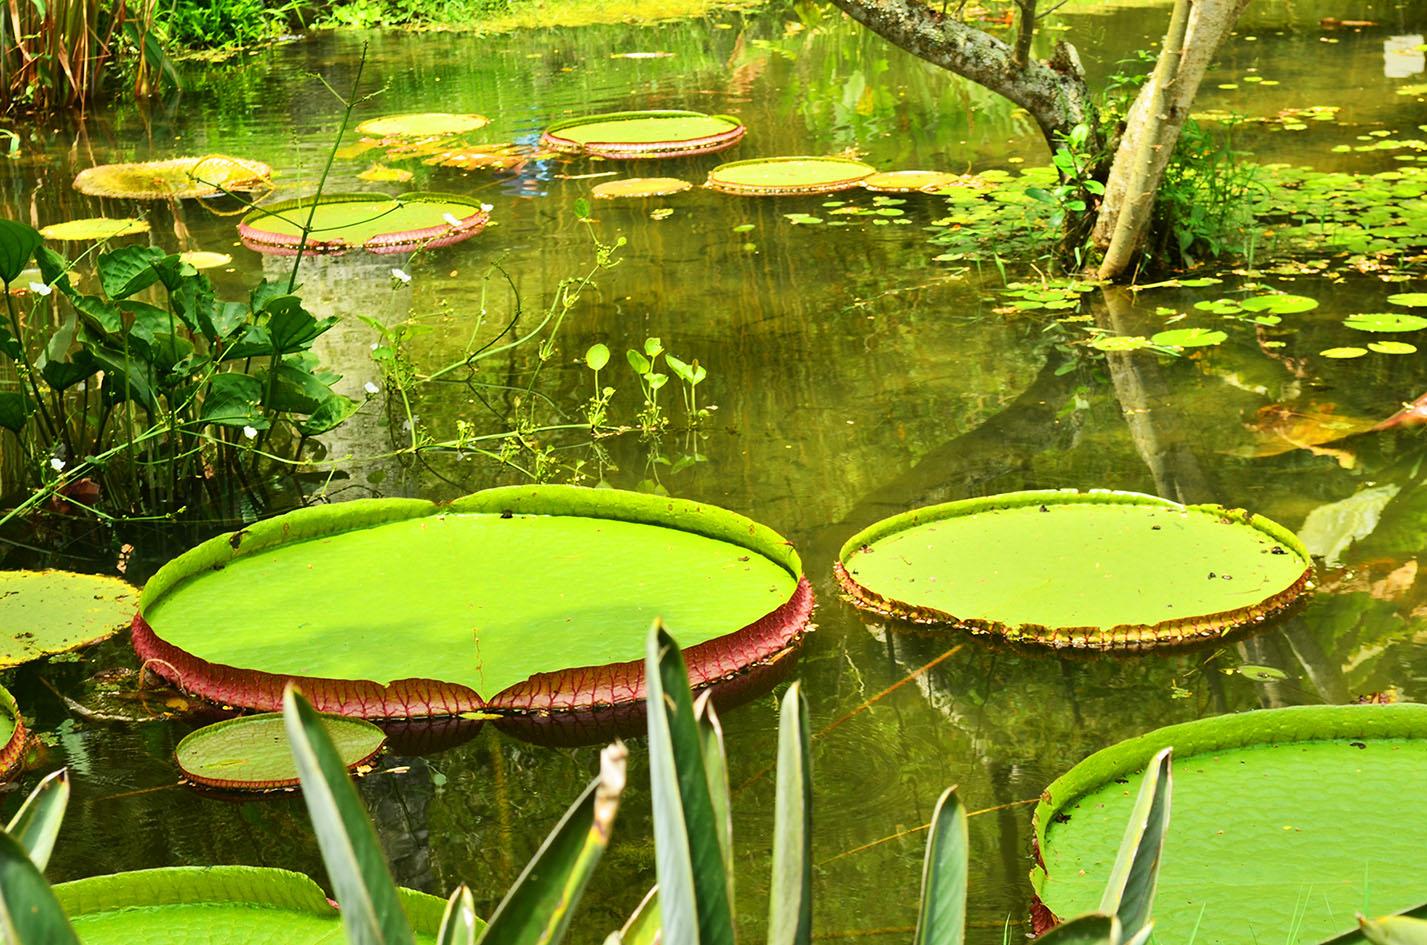 Lugares para visitar no Rio de Janeiro - Jardim Botânico